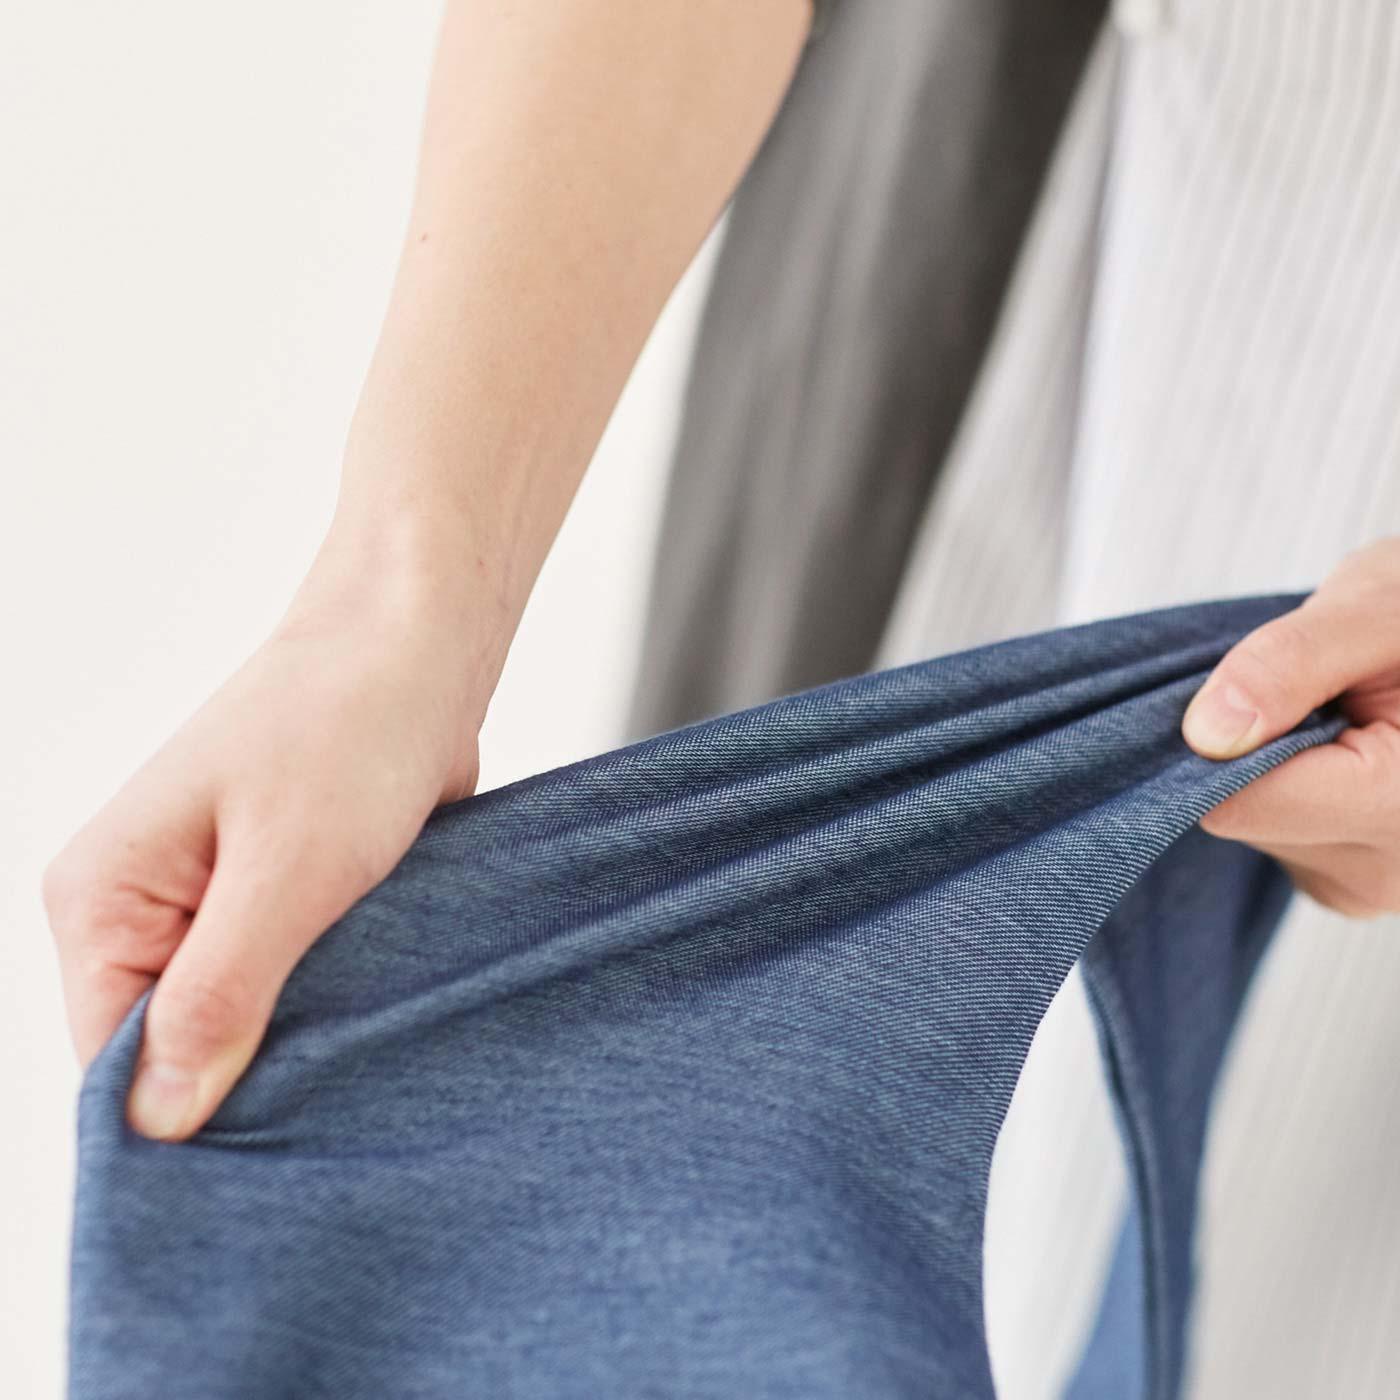 伸びがよくさらりとしたはき心地の綿混素材。